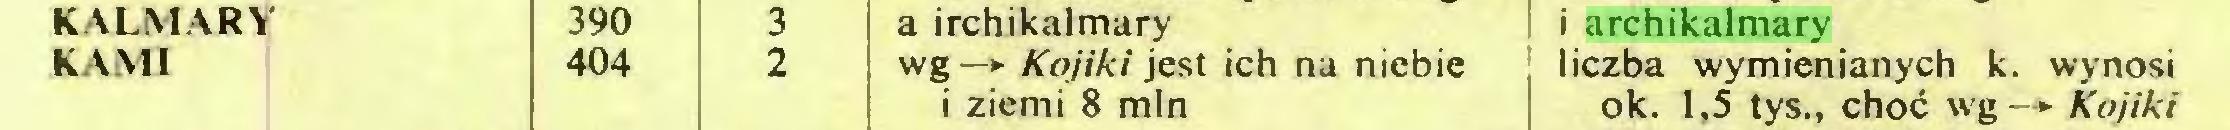 (...) KALMARY 390 3 a irchikalmary i archikalmary KAMI 404 2 wg-»- Kojiki jest ich na niebie i ziemi 8 min liczba wymienianych k. wynosi ok. 1,5 tys., choć wg—*■ Kojiki...